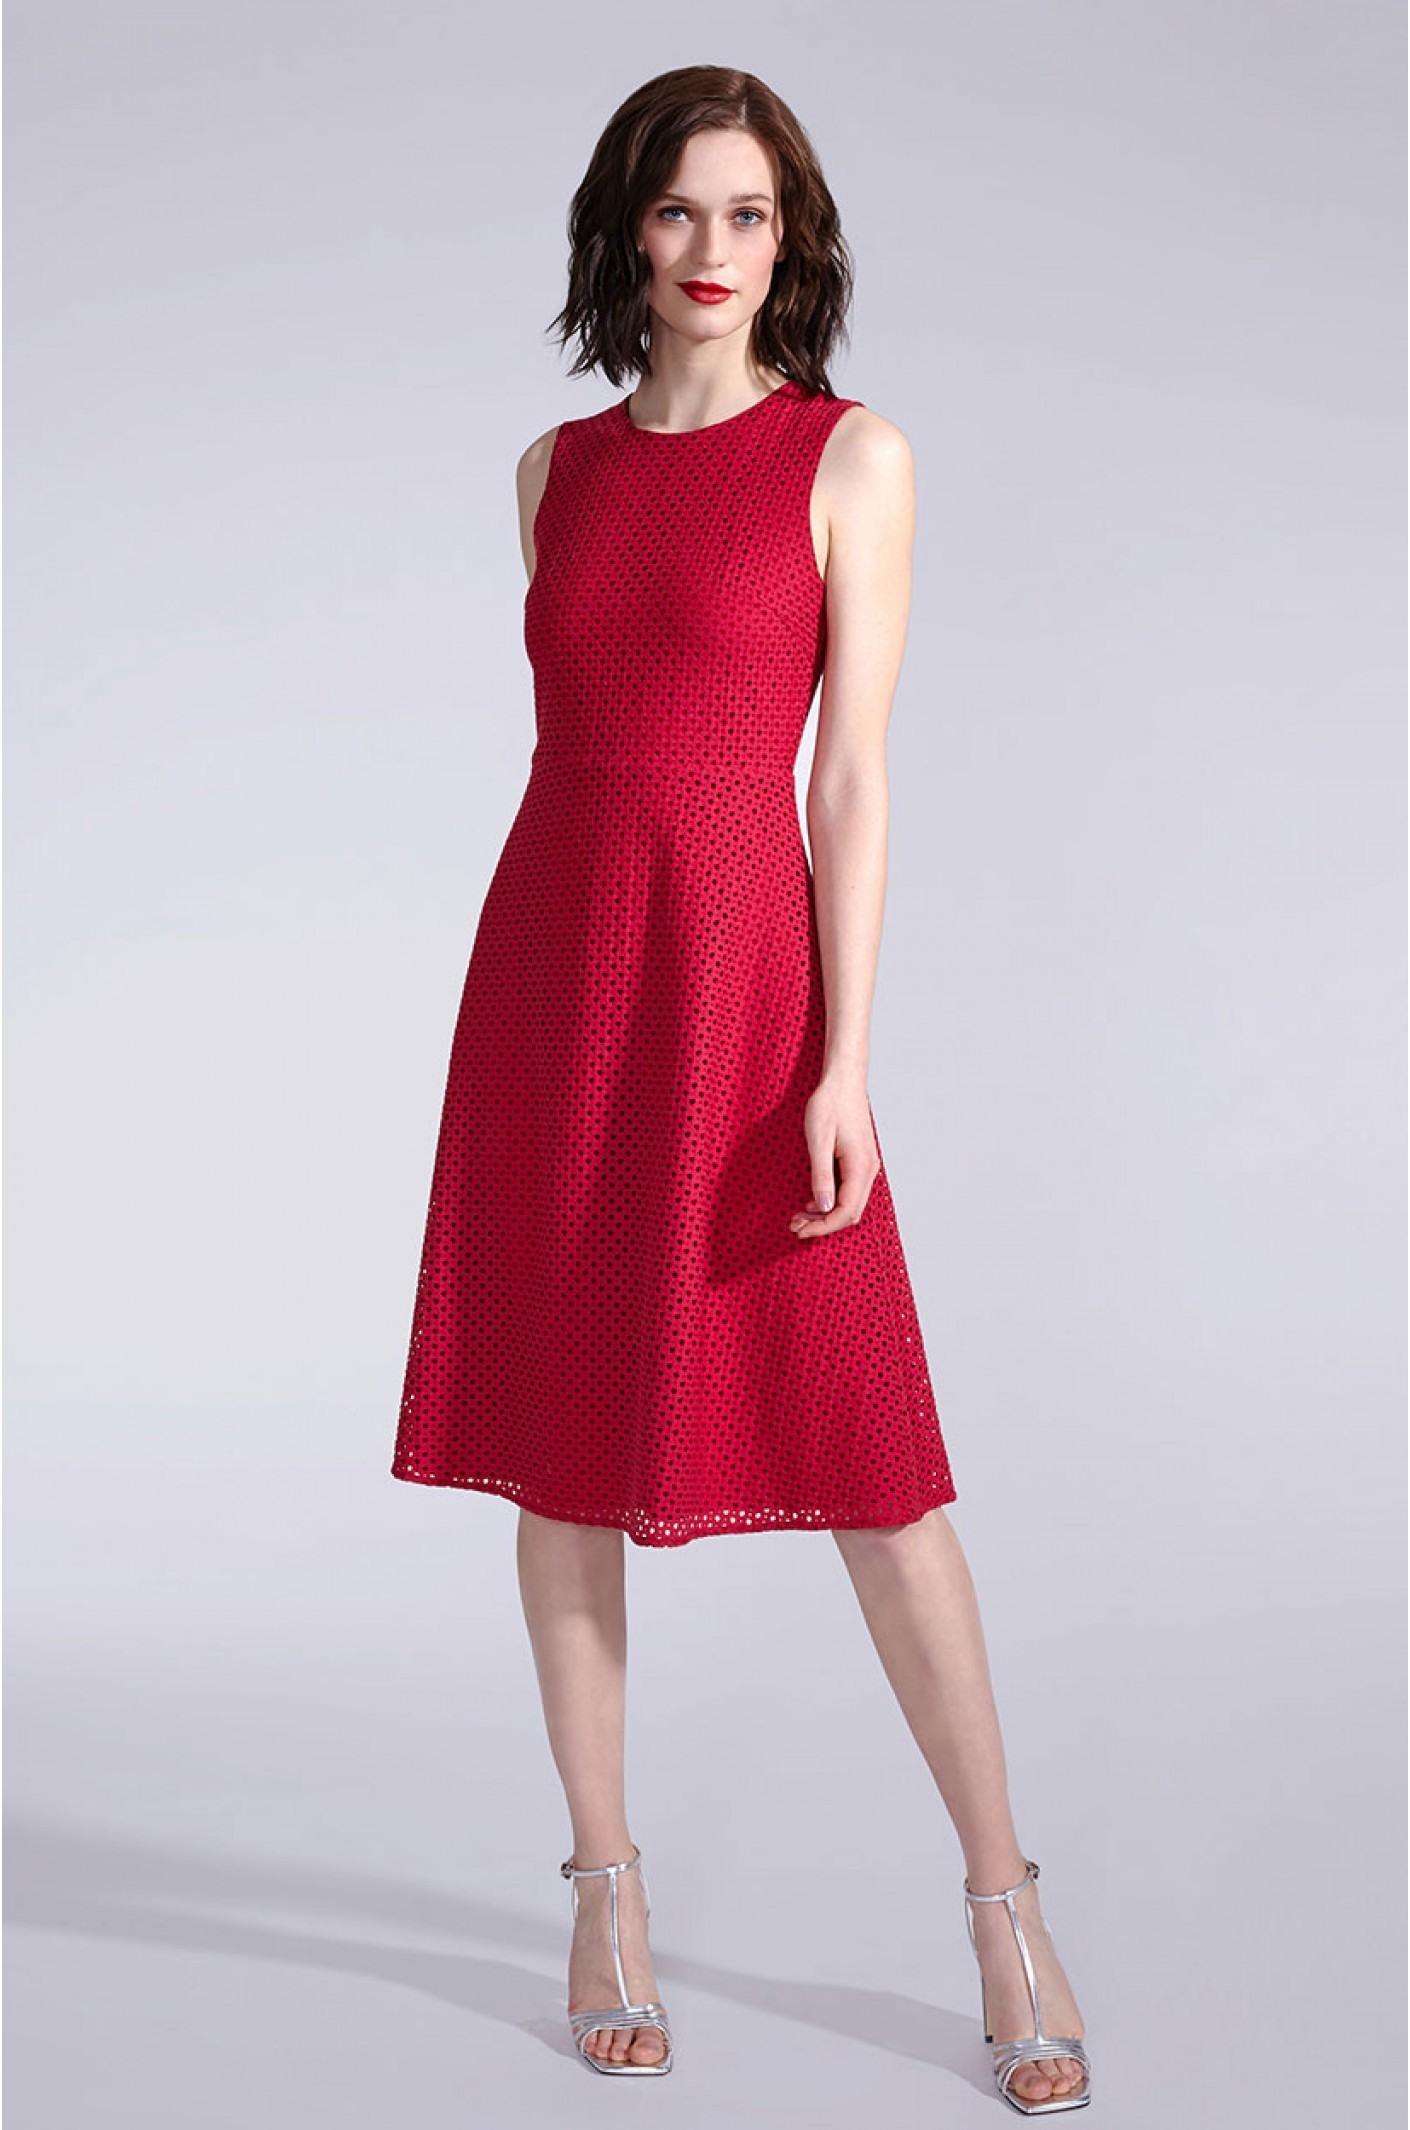 Elegante kleider 34